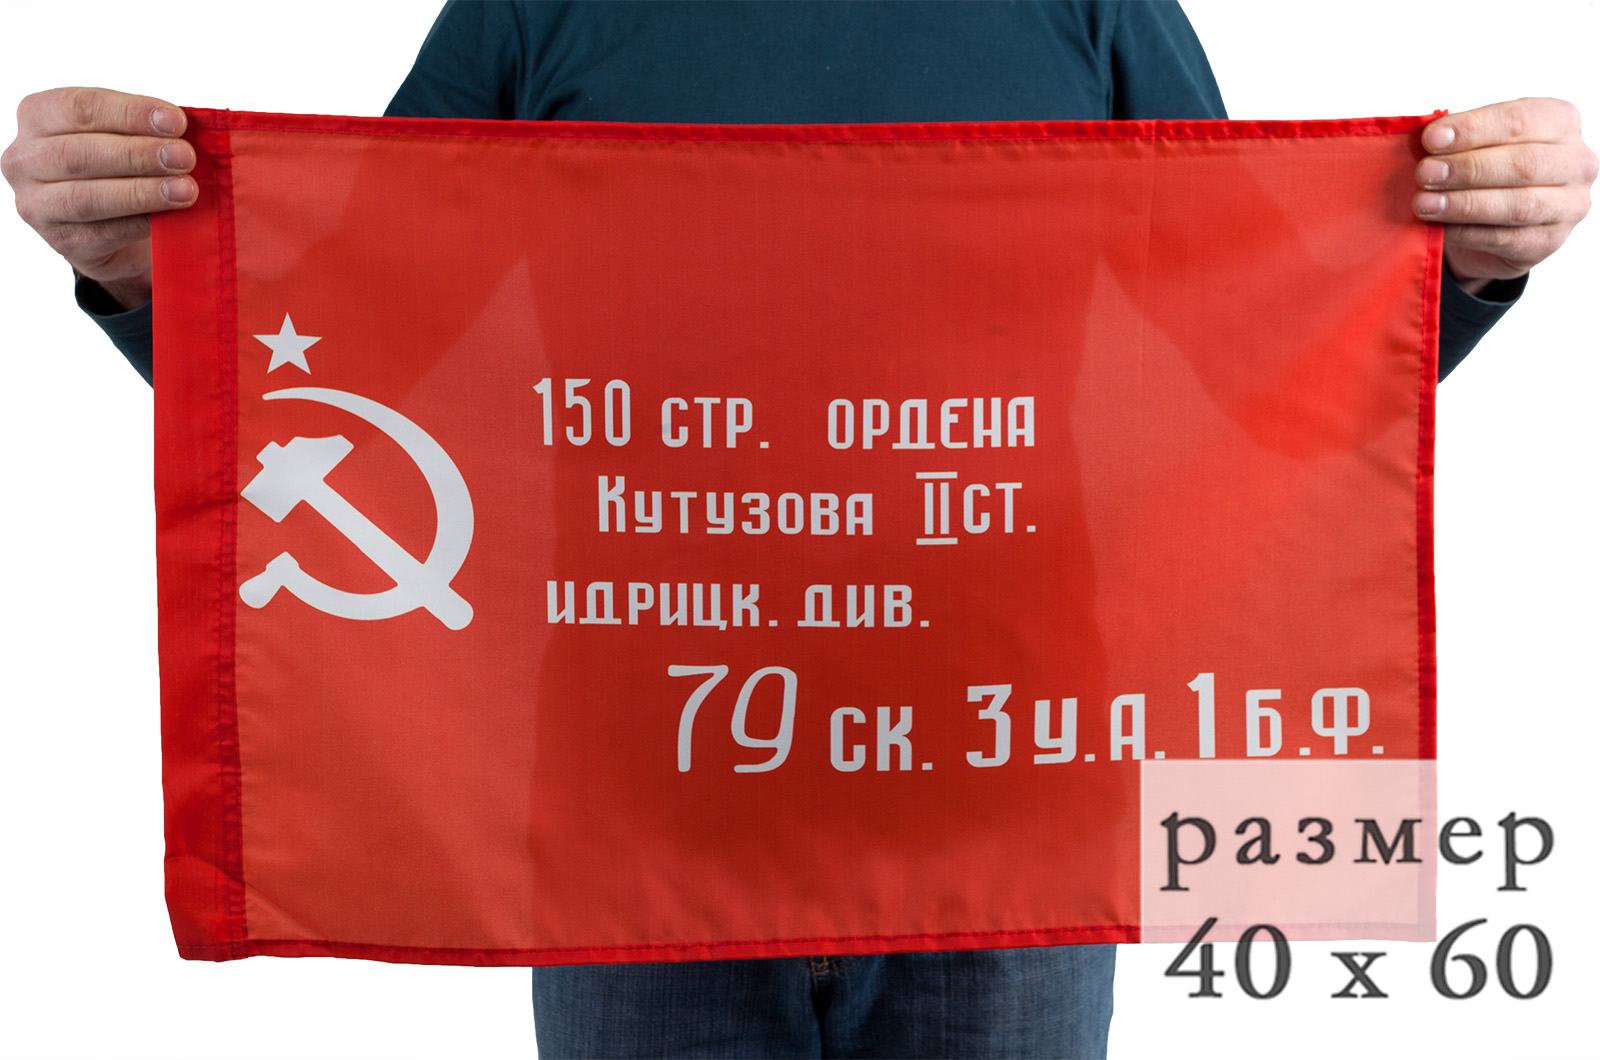 Флаг Знамени Победы по акции